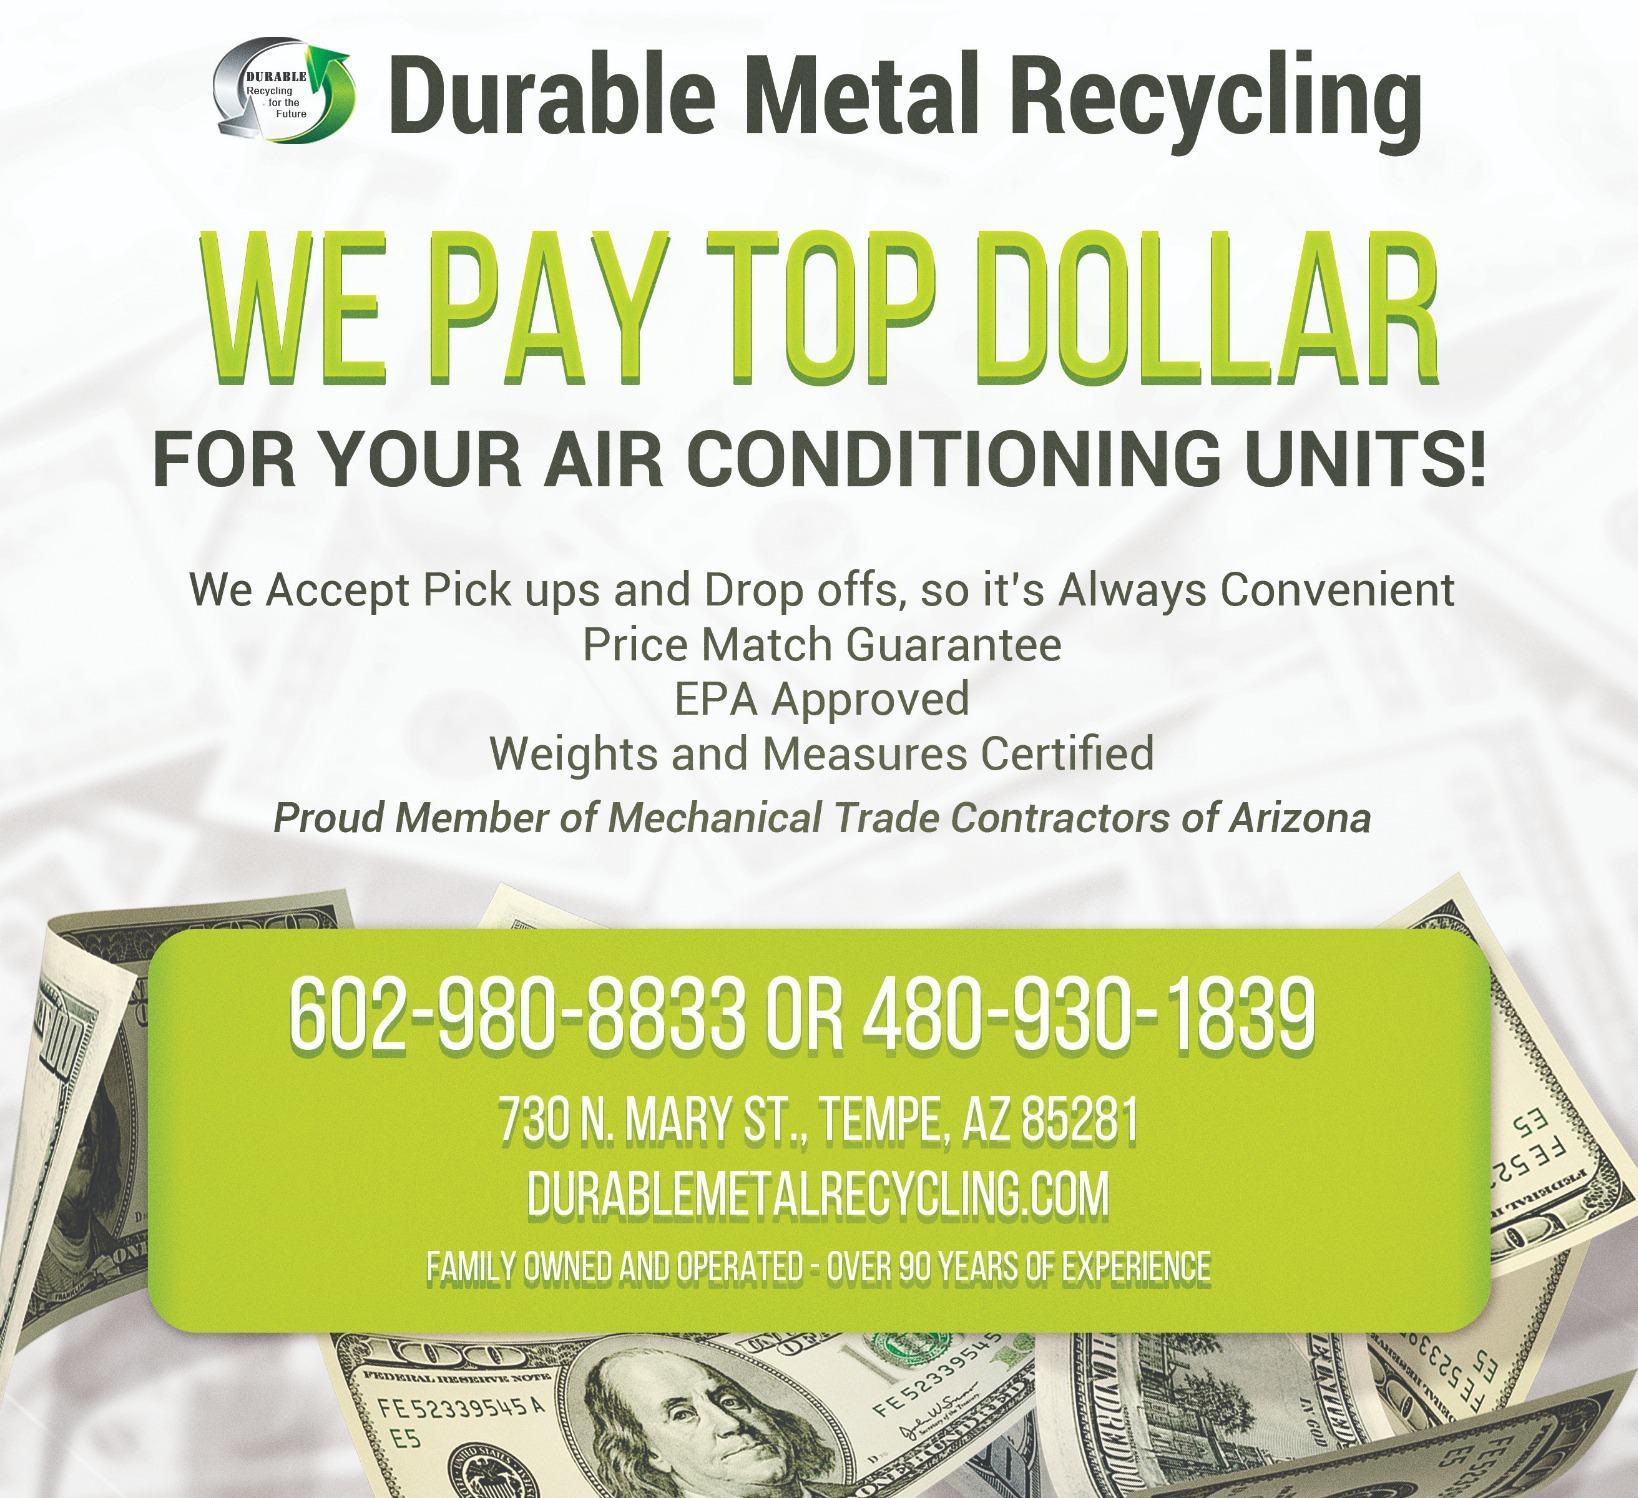 Durable Metals